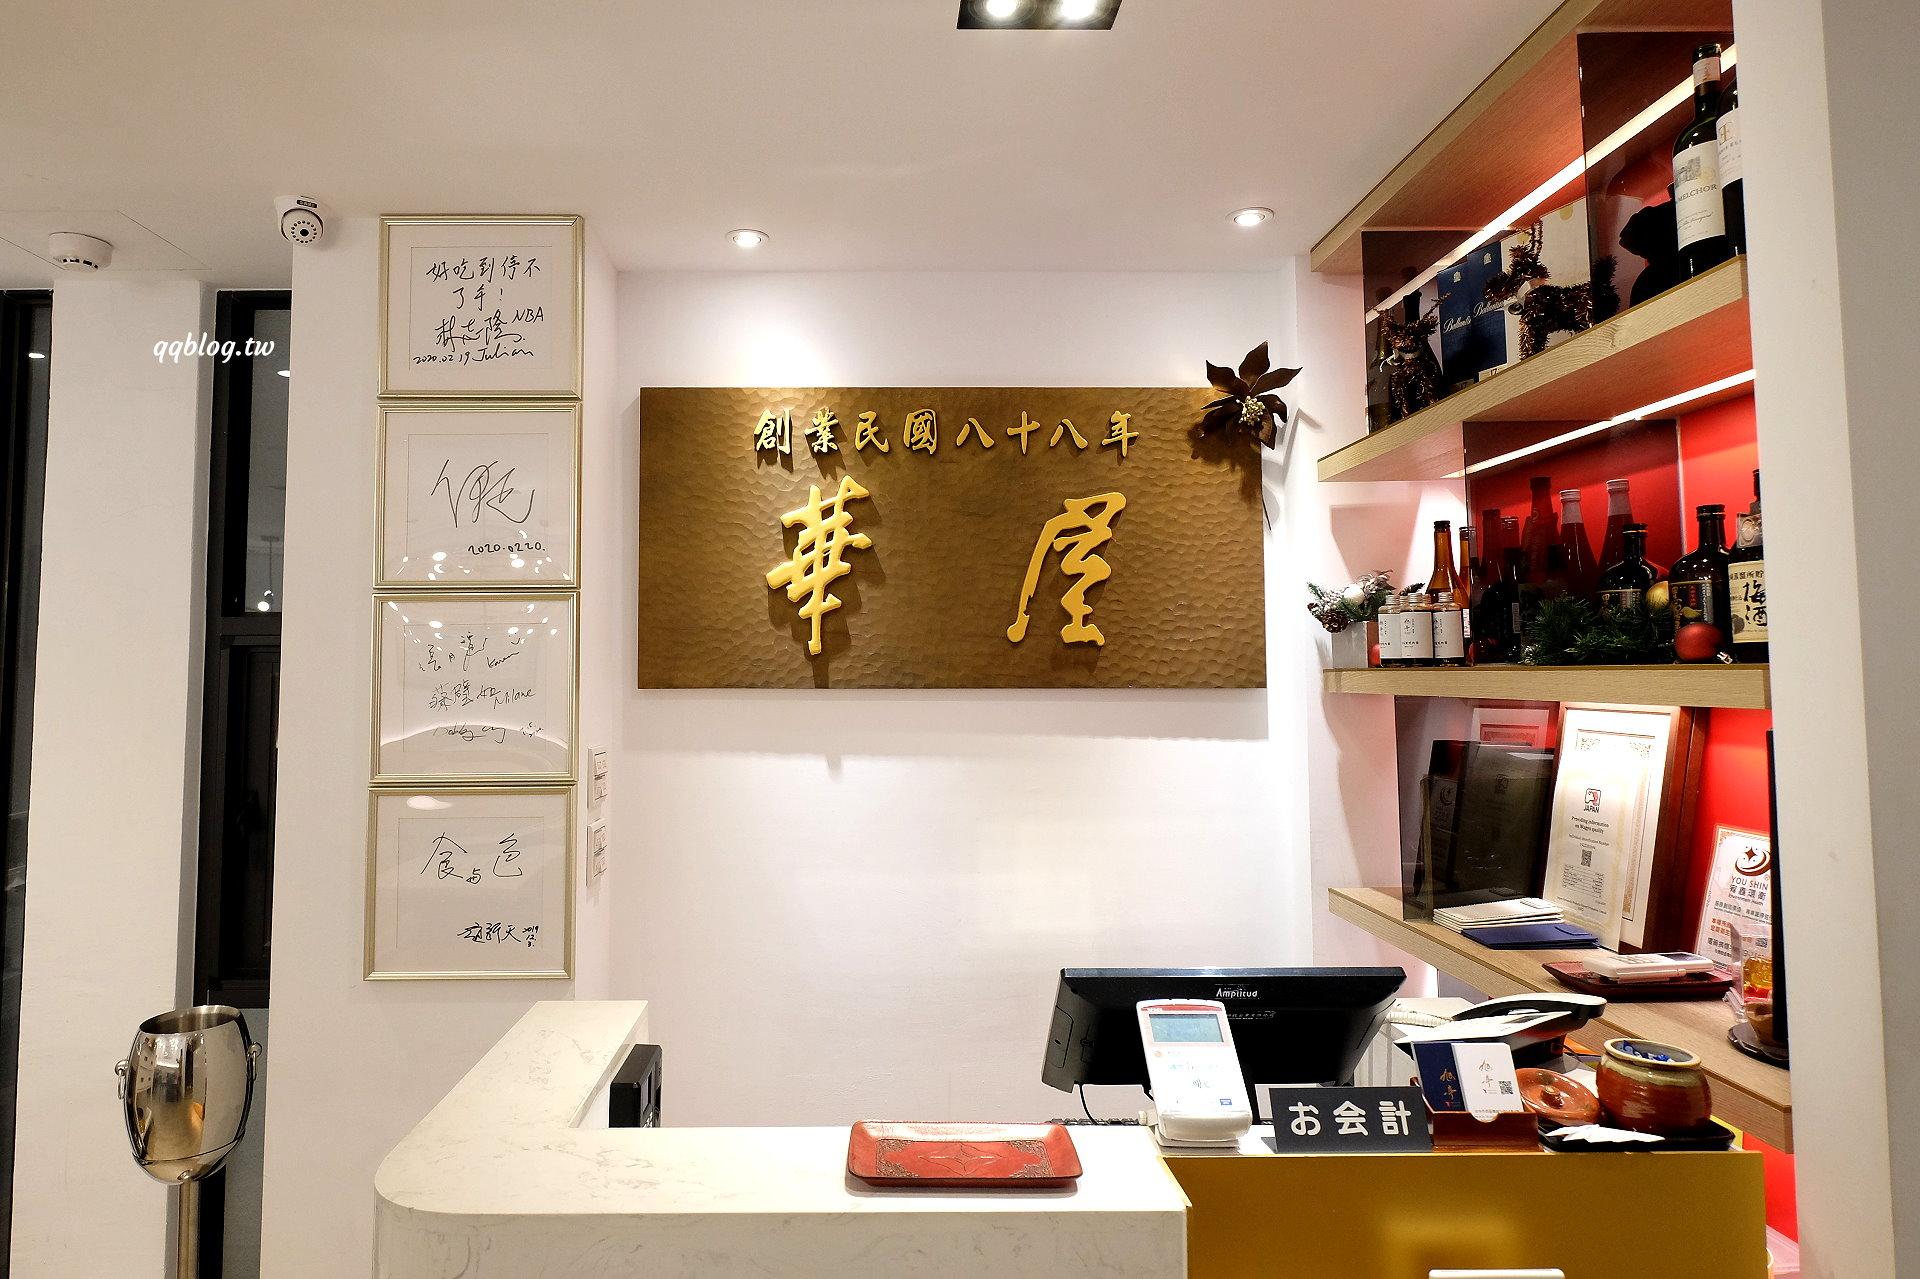 台中西區︱旭亭燒肉.精明商圈低調質感燒肉餐廳,餐點精緻口味好 @QQ的懶骨頭